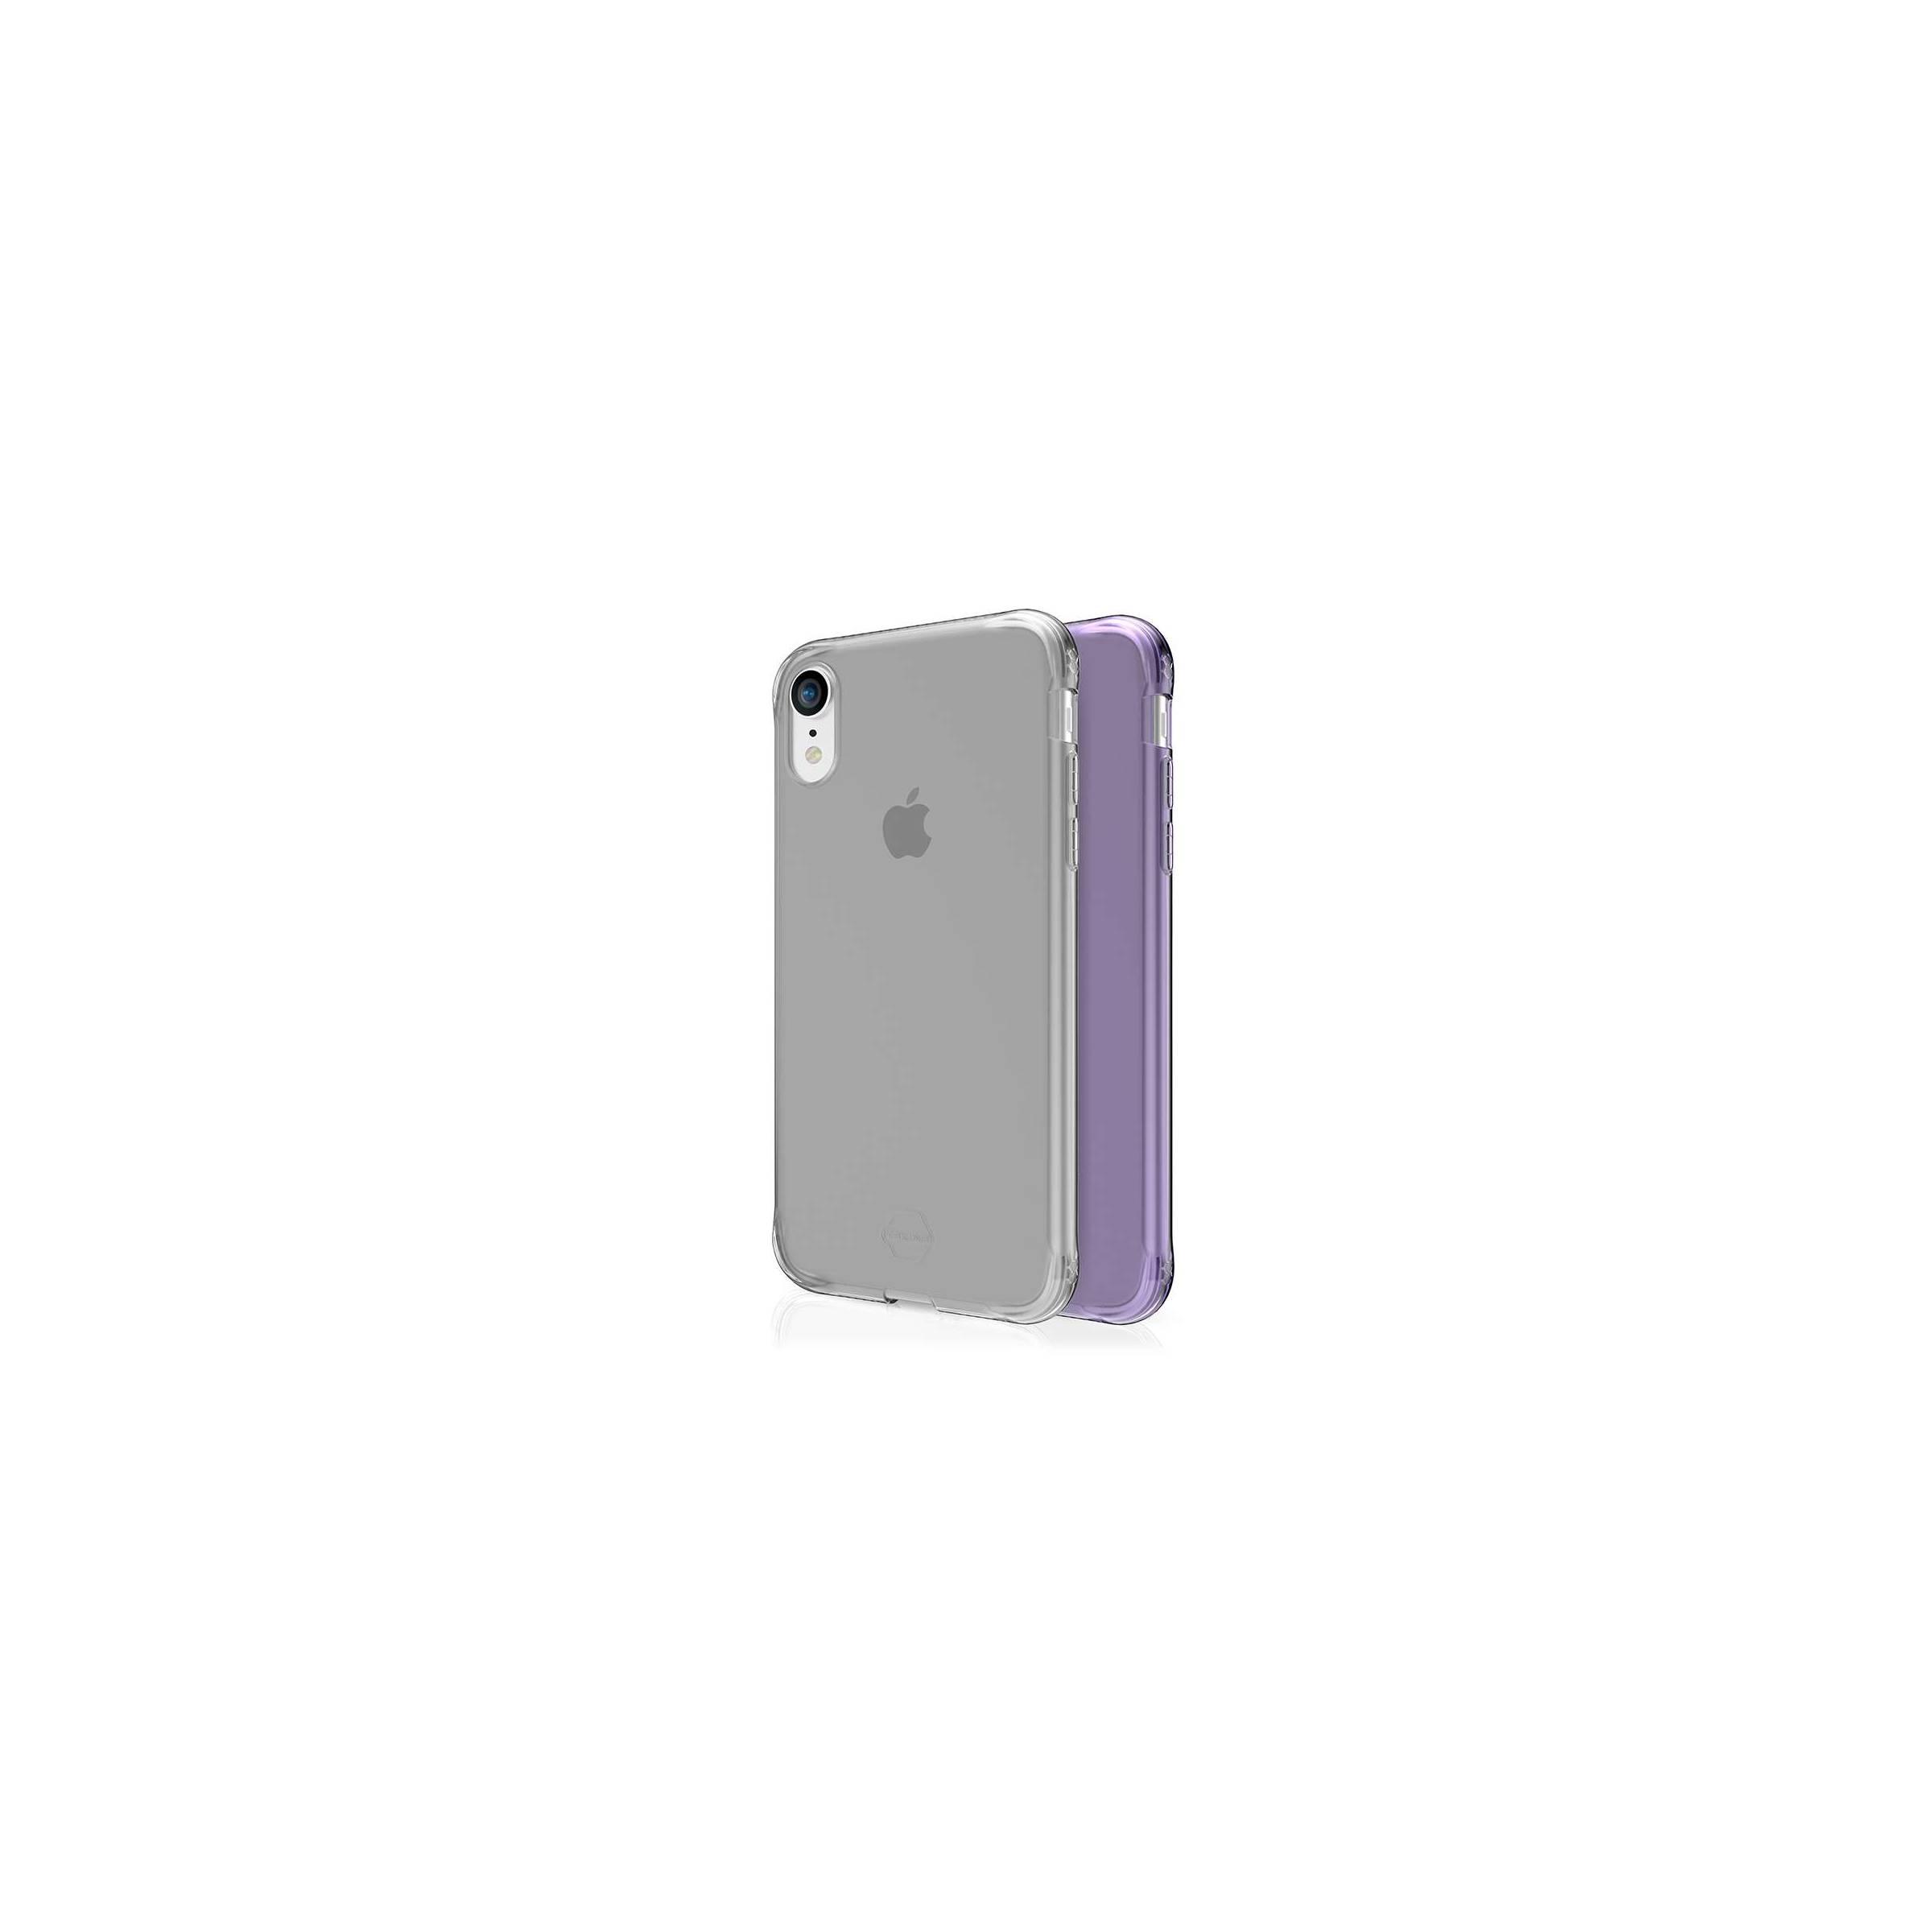 Itskins slim silikone protect gel iphone xr cover dobbelt 2x pakke farve klar & lyse lilla fra itskins på mackabler.dk